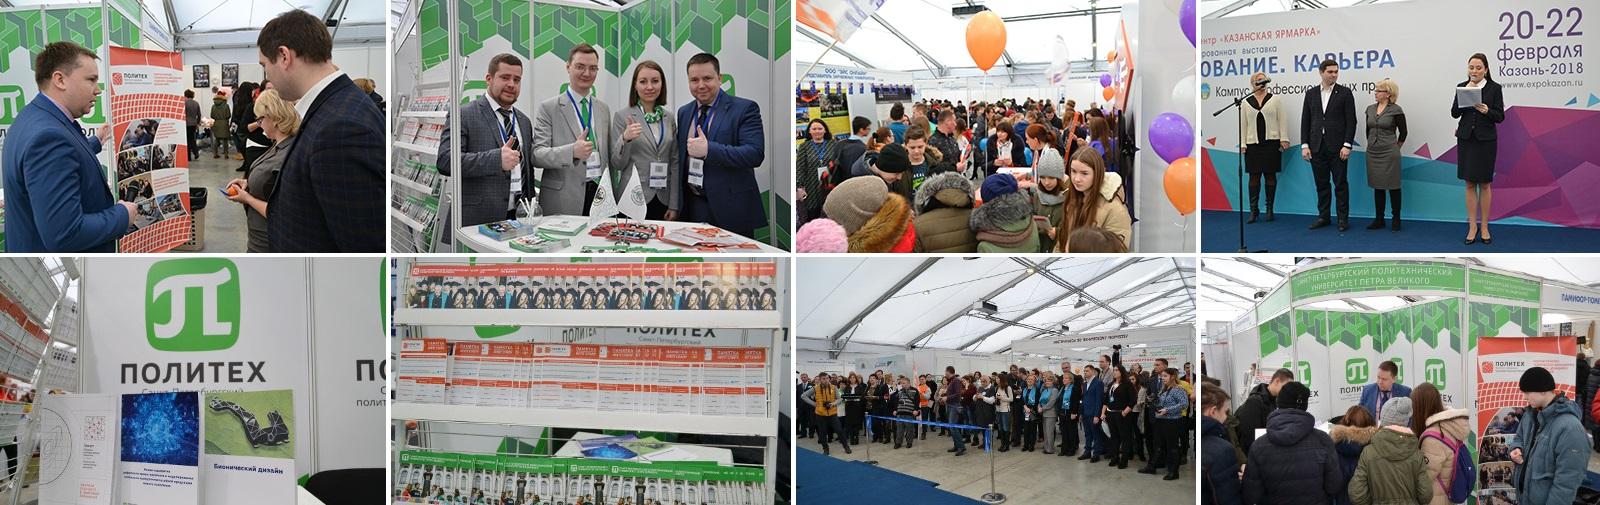 «Образование. Карьера» в Казани